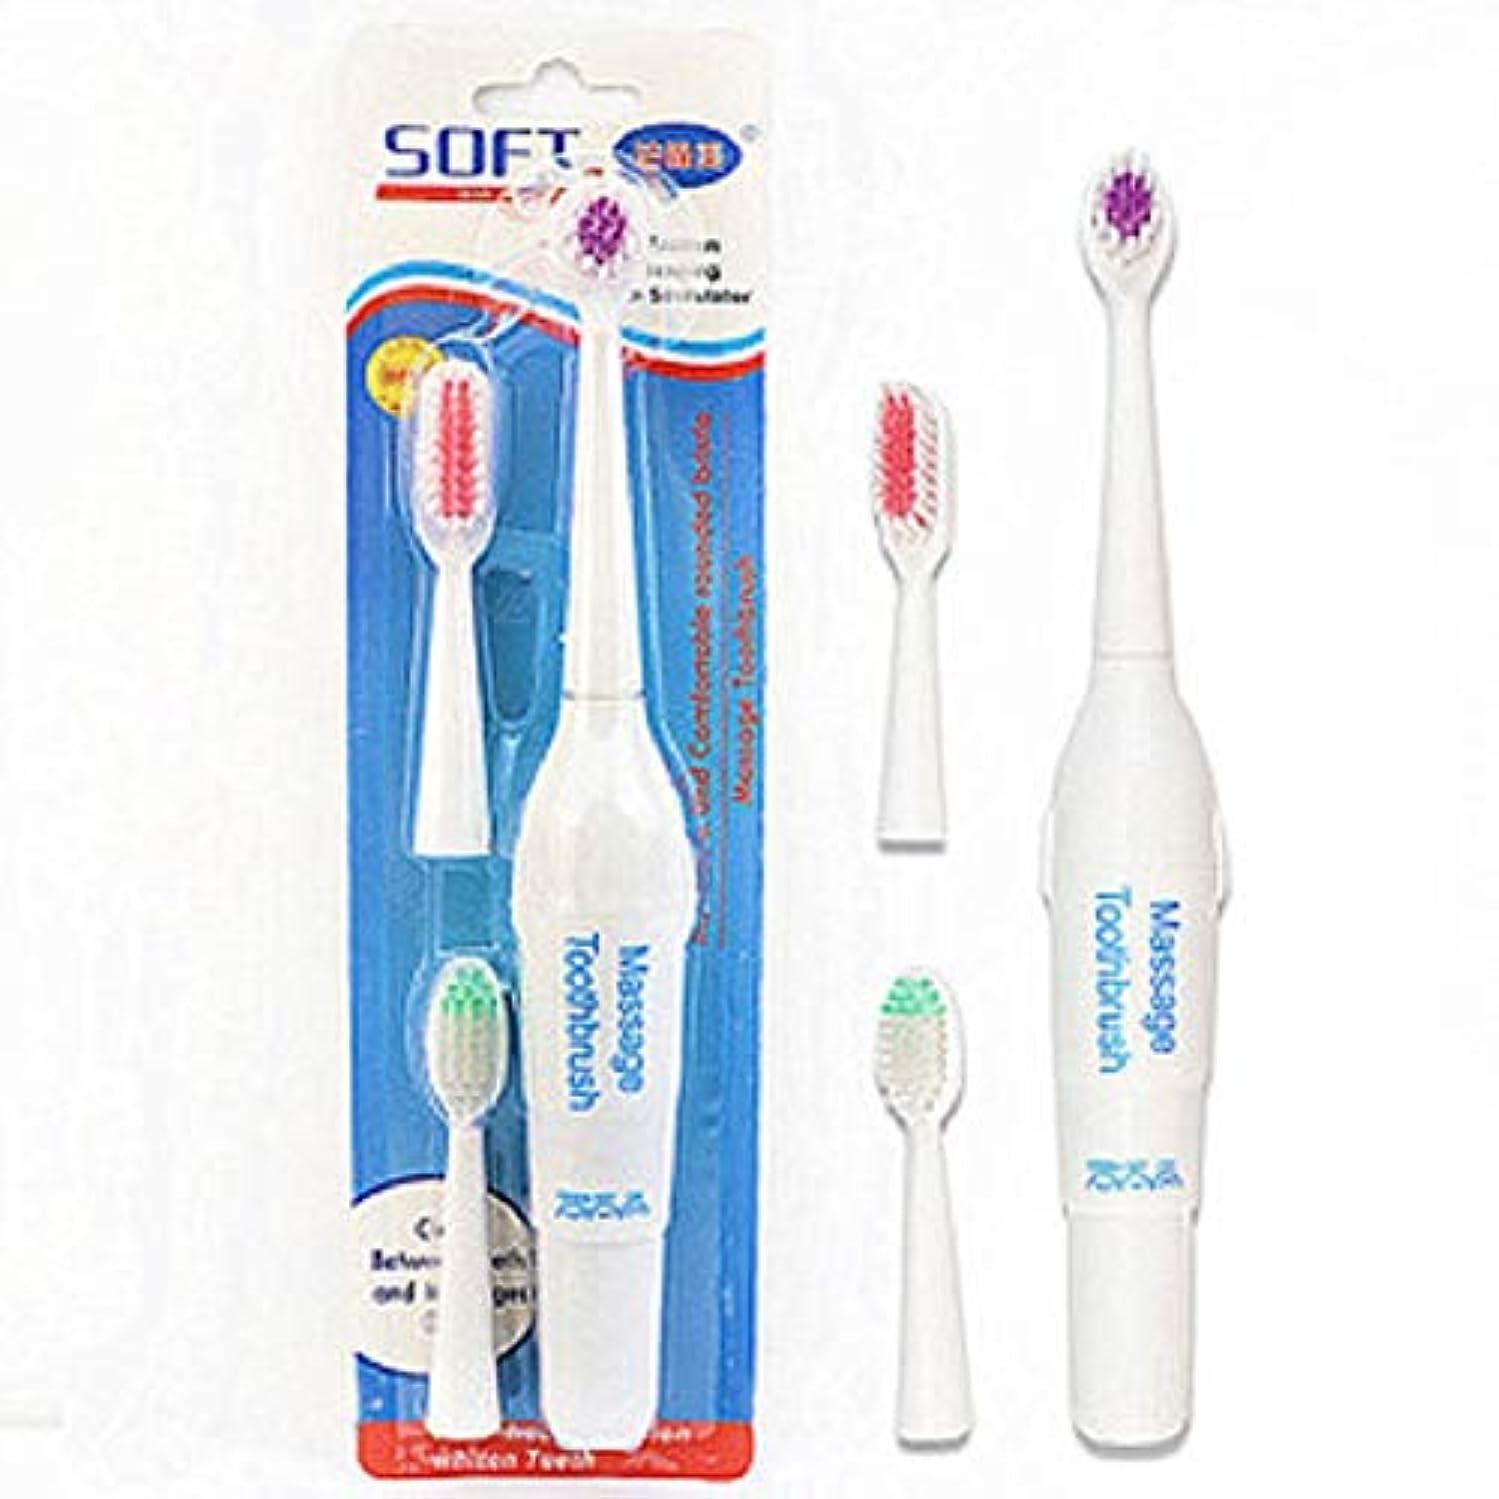 フェンス渇き共産主義者ペット電動歯ブラシ犬猫電動歯ブラシ、バッテリーなし(ハンドルフォントはランダムに3色で送信されます)(ホワイト)